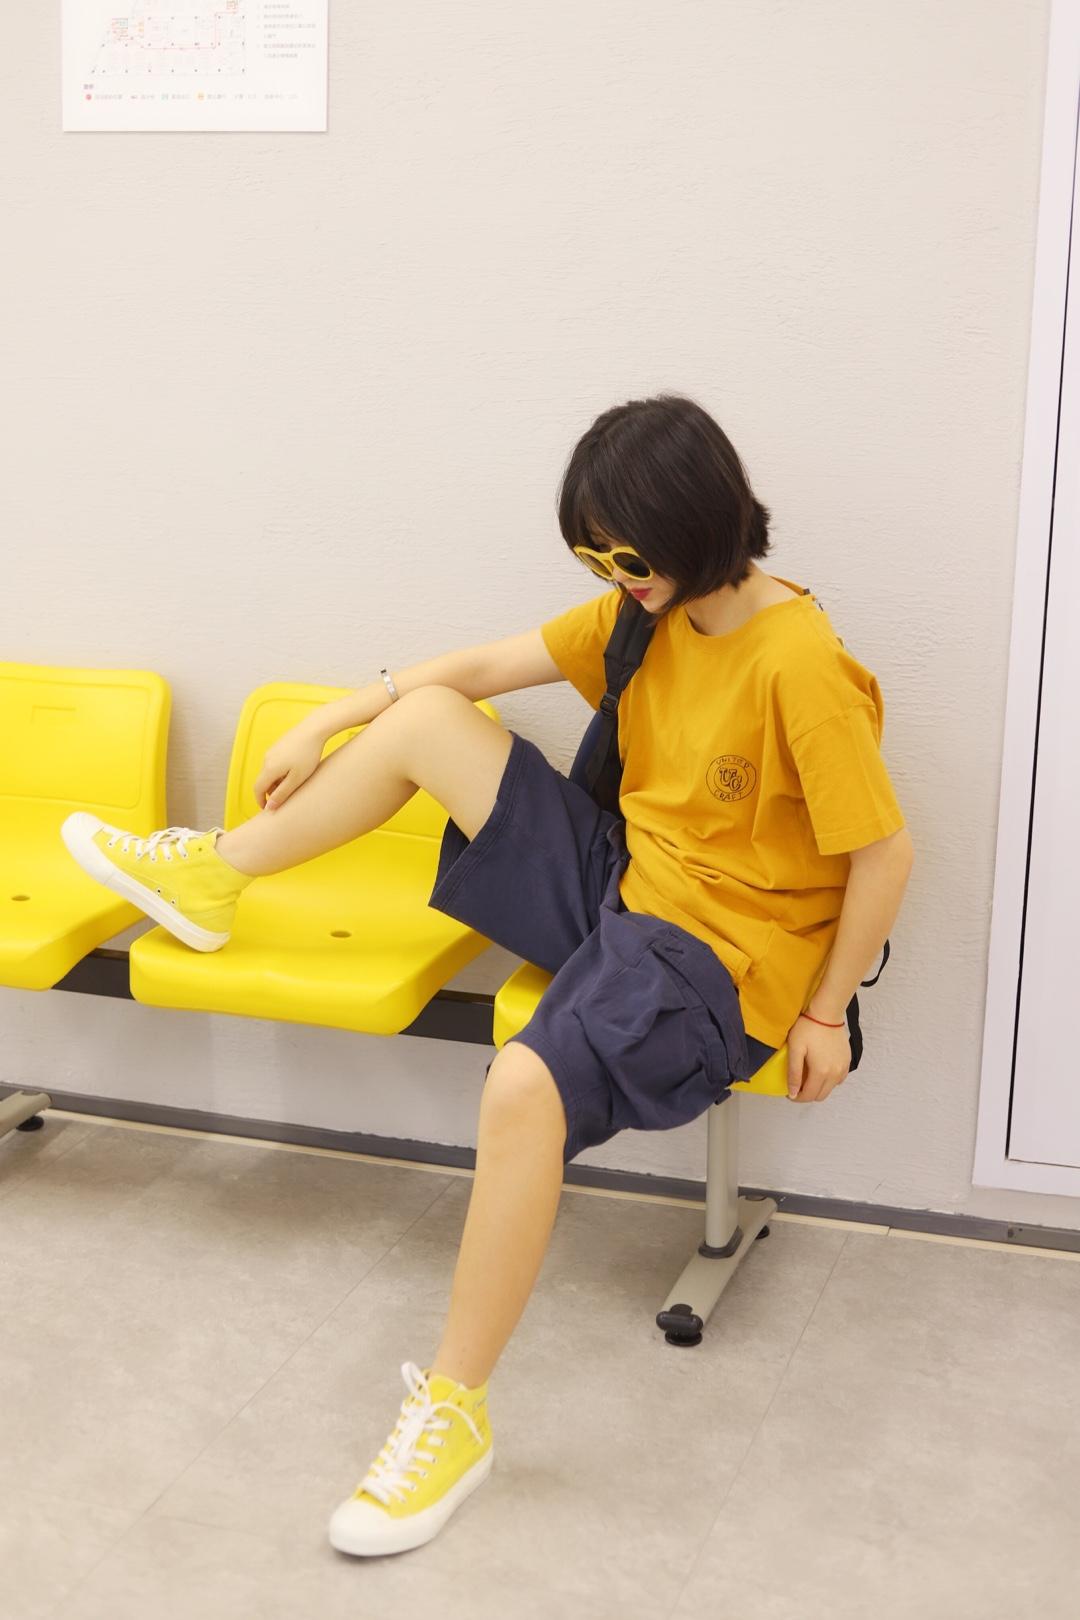 上身是一件黄色印花短袖 下身是一条藏青色工装中裤 搭配一双黄色高帮帆布鞋 戴上一顶黄色的墨镜 背上一个黑色的包包 这样一身就简单能够快速出门还很显瘦啦 #懒癌+肥胖?终于有救了!#